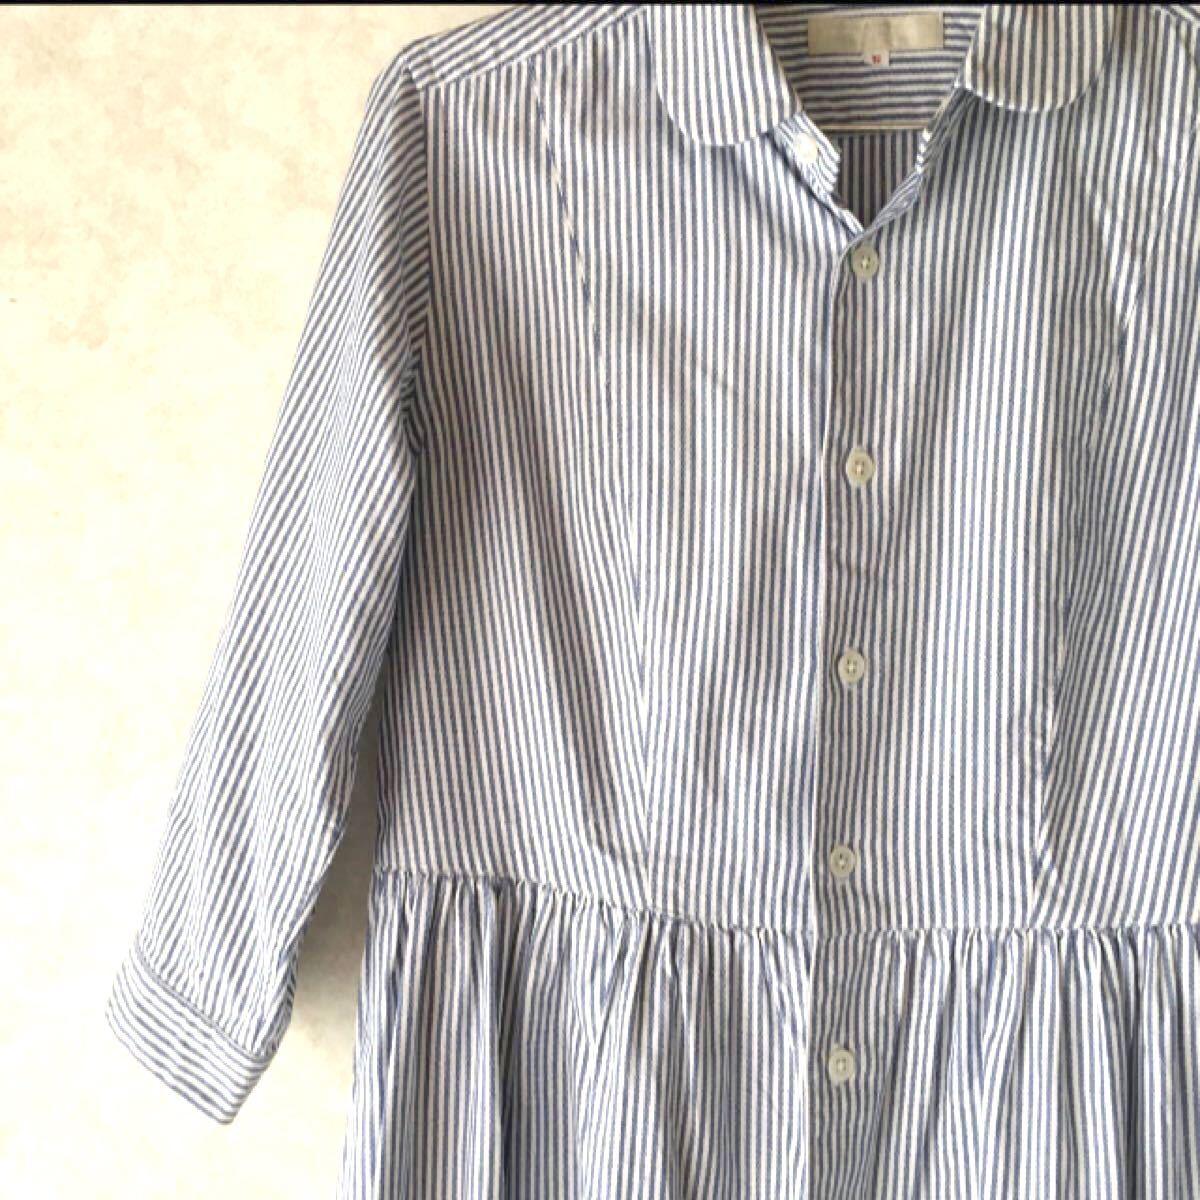 シャツワンピース モリカゲシャツ ストライプ ワンピ 京都 morikage